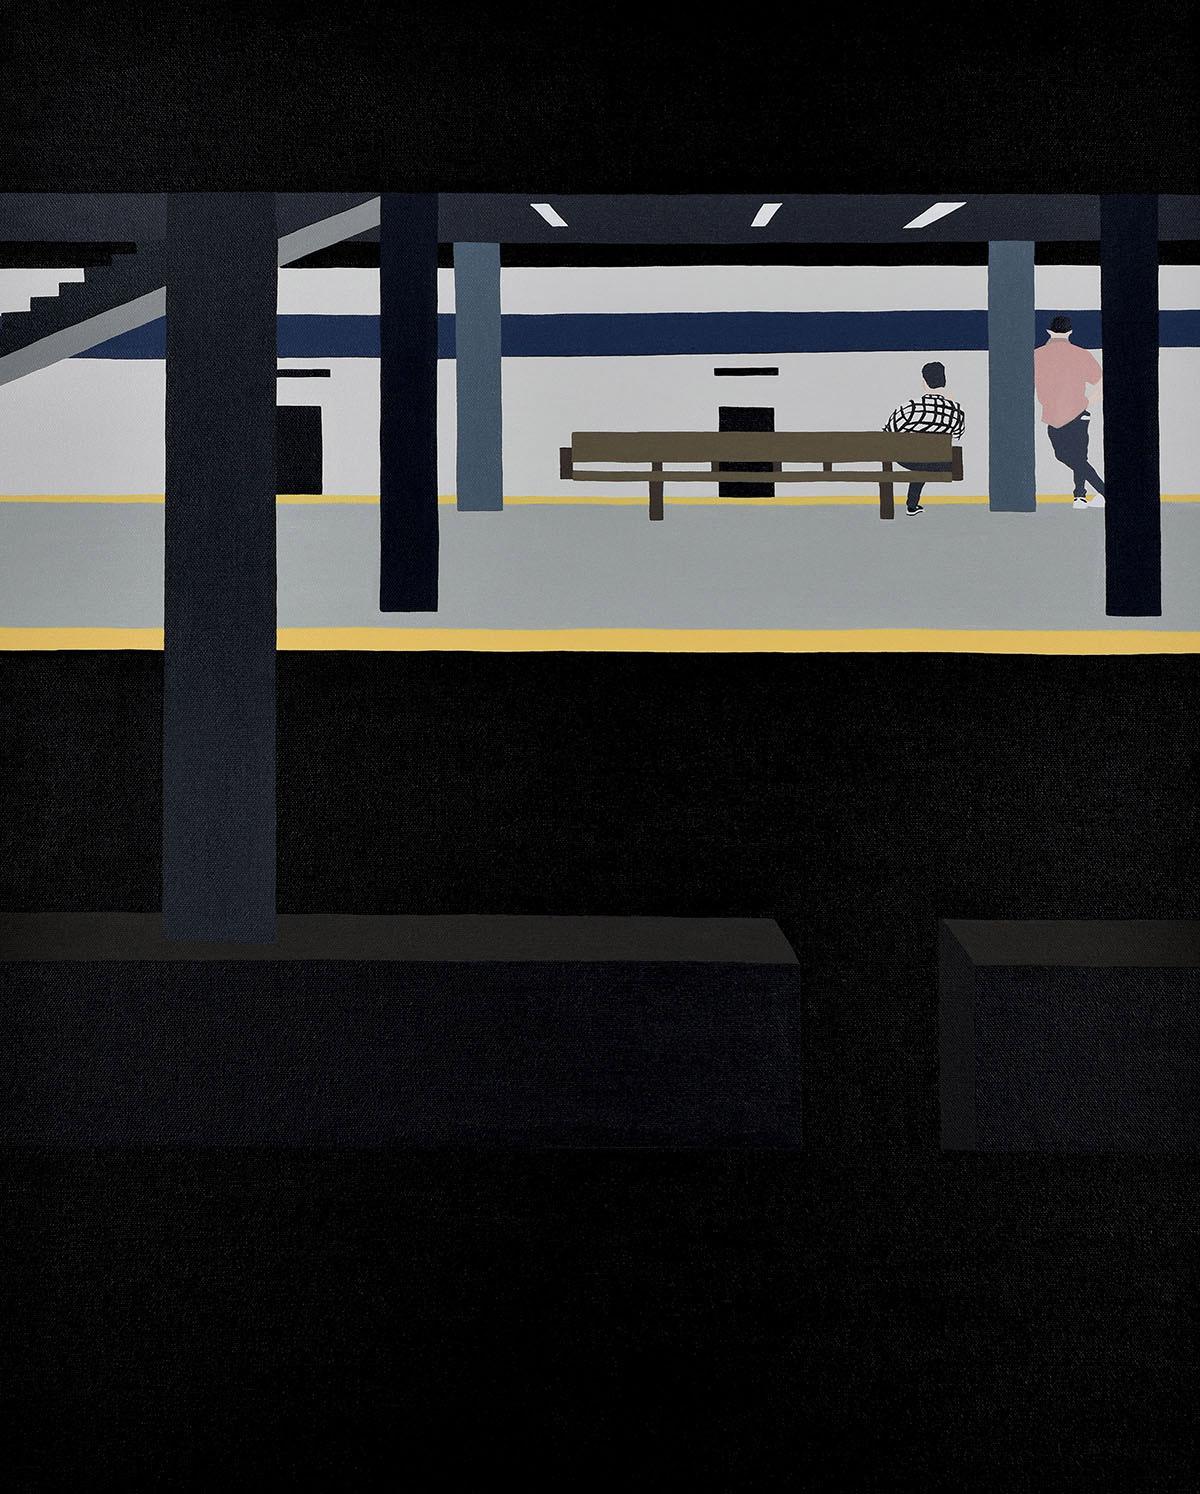 Backs, solitudine e isolamento nei dipinti di Gwen Yip | Collater.al 8